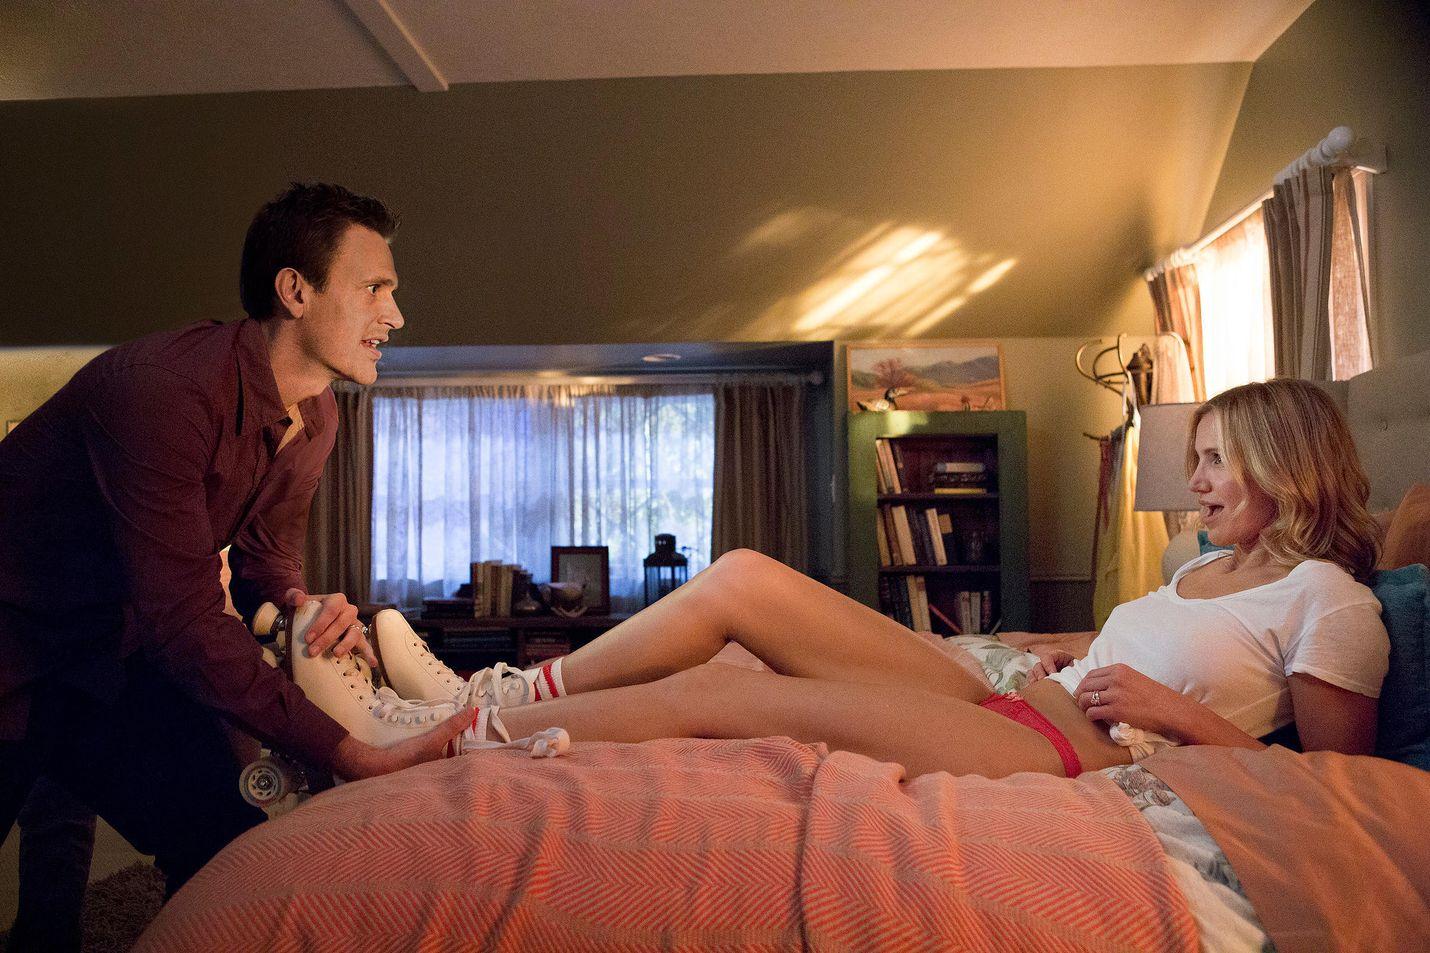 Jay (Jason Segel) ja Annie (Cameron Diaz) hakevat vipinää avioelämäänsä, mutta seksivideo päätyy aivan vääriin käsiin Sex tape -elokuvassa.